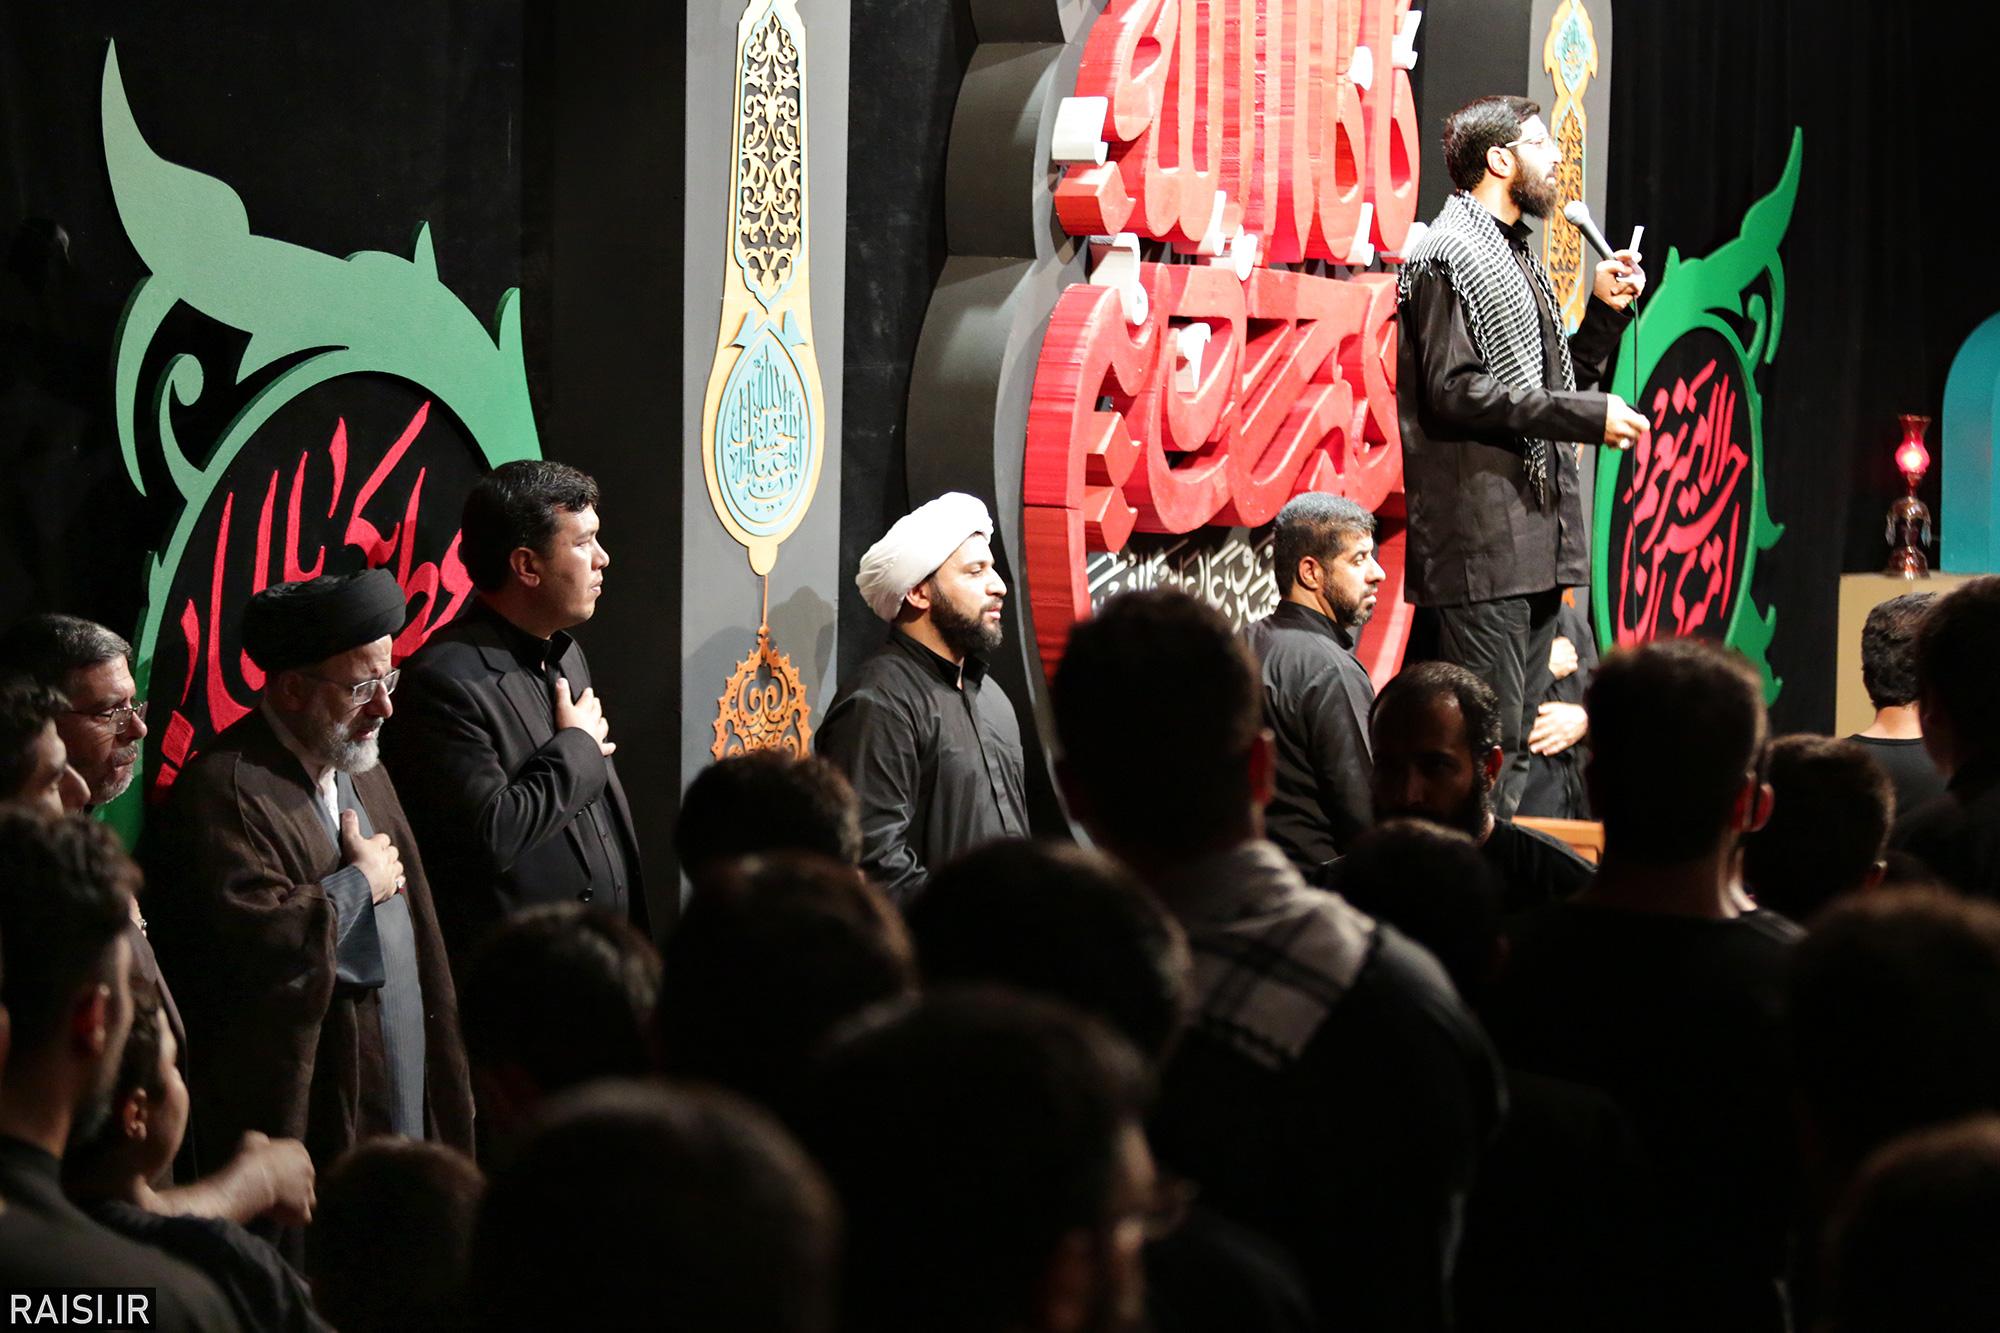 گزارش تصویری حضور تولیت آستان قدس در هیئت فدائیان حسین(ع) اصفهان